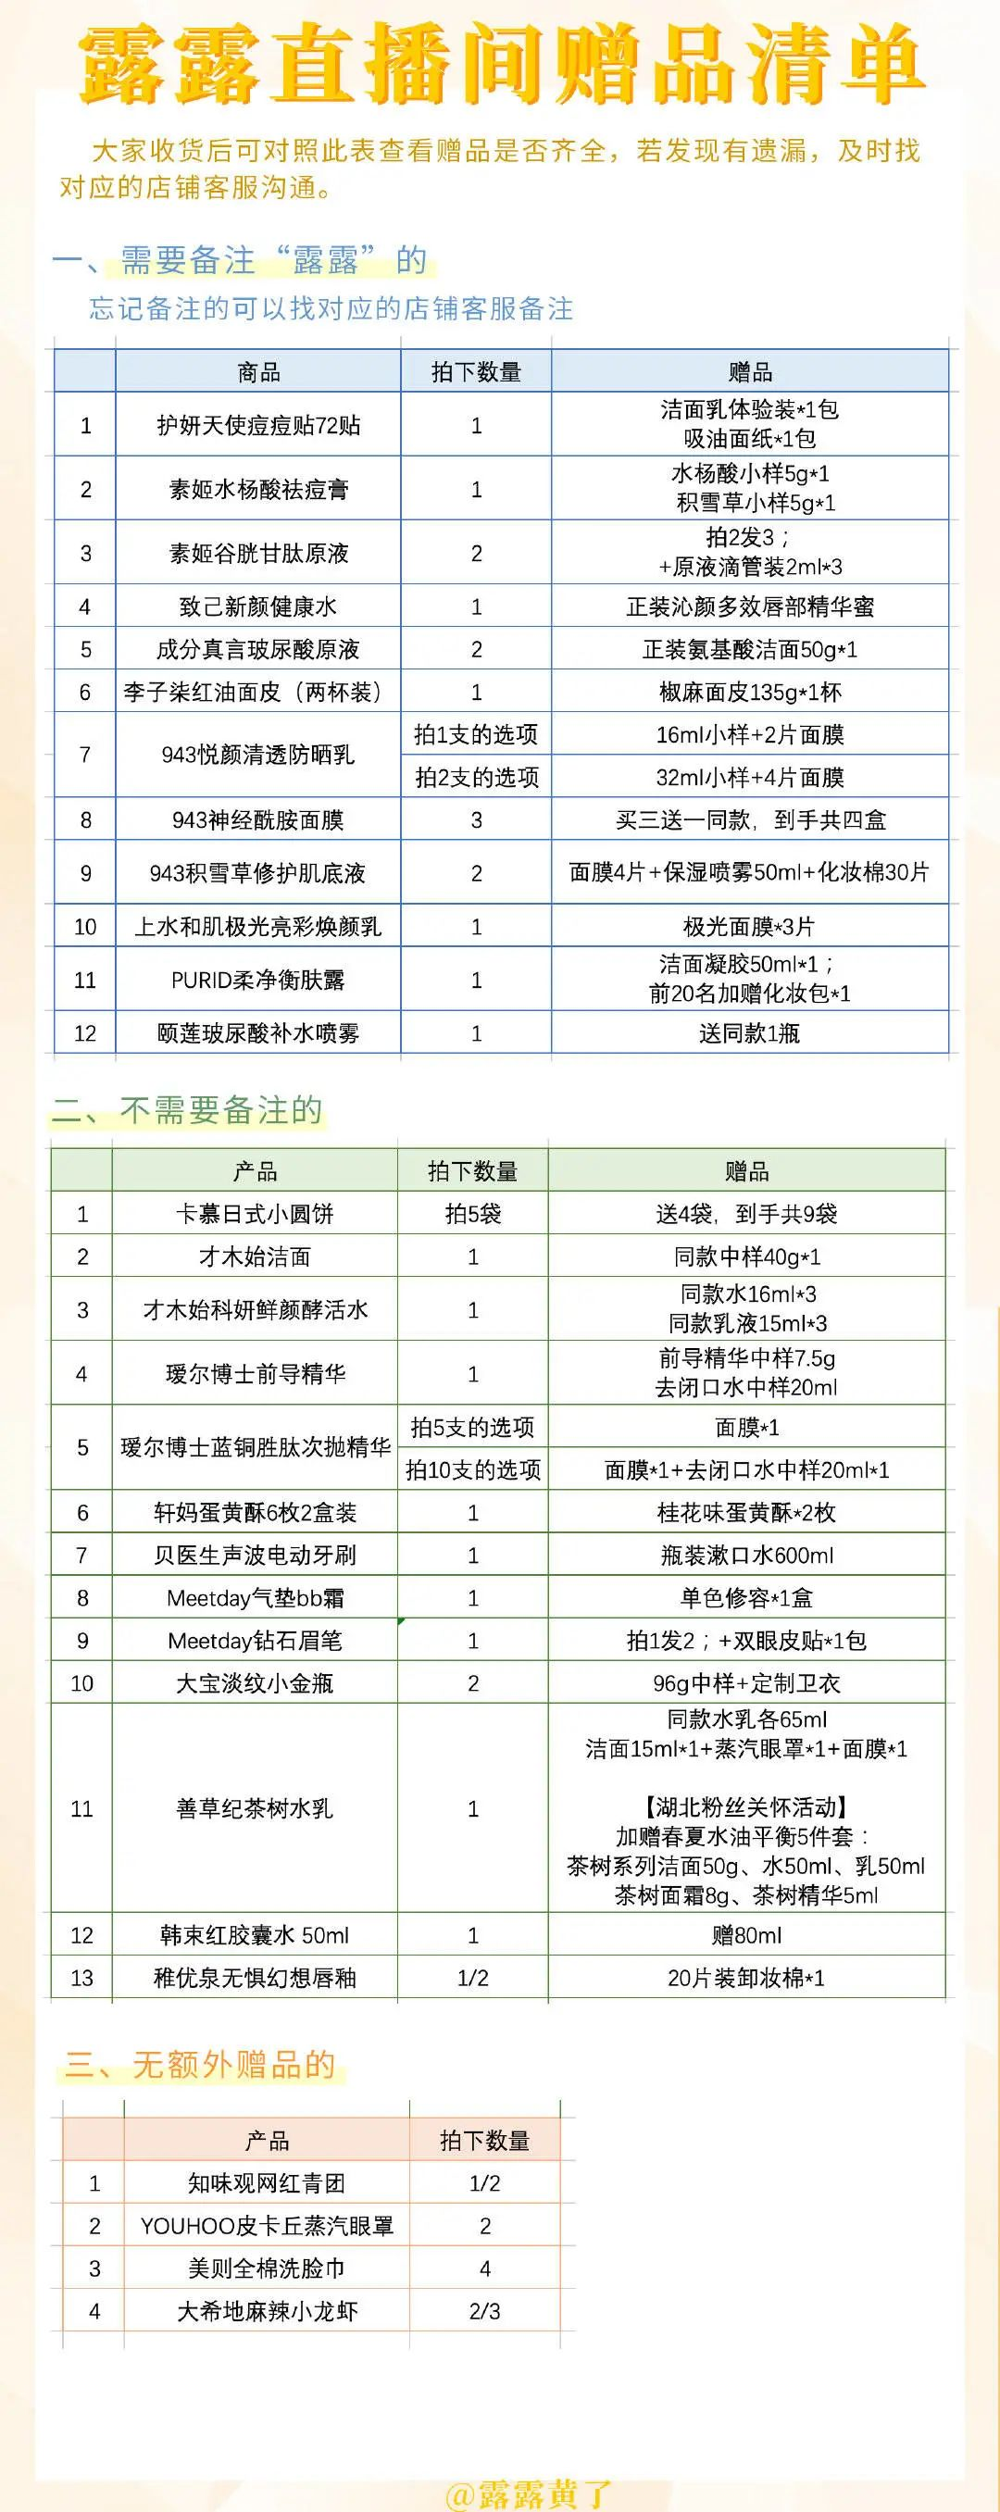 首场直播销售额660万!全网250万粉丝的美妆博主如何做到的?-第9张图片-周小辉<a href='http://www.zhouxiaohui.cn/duanshipin/'>短视频</a>培训博客